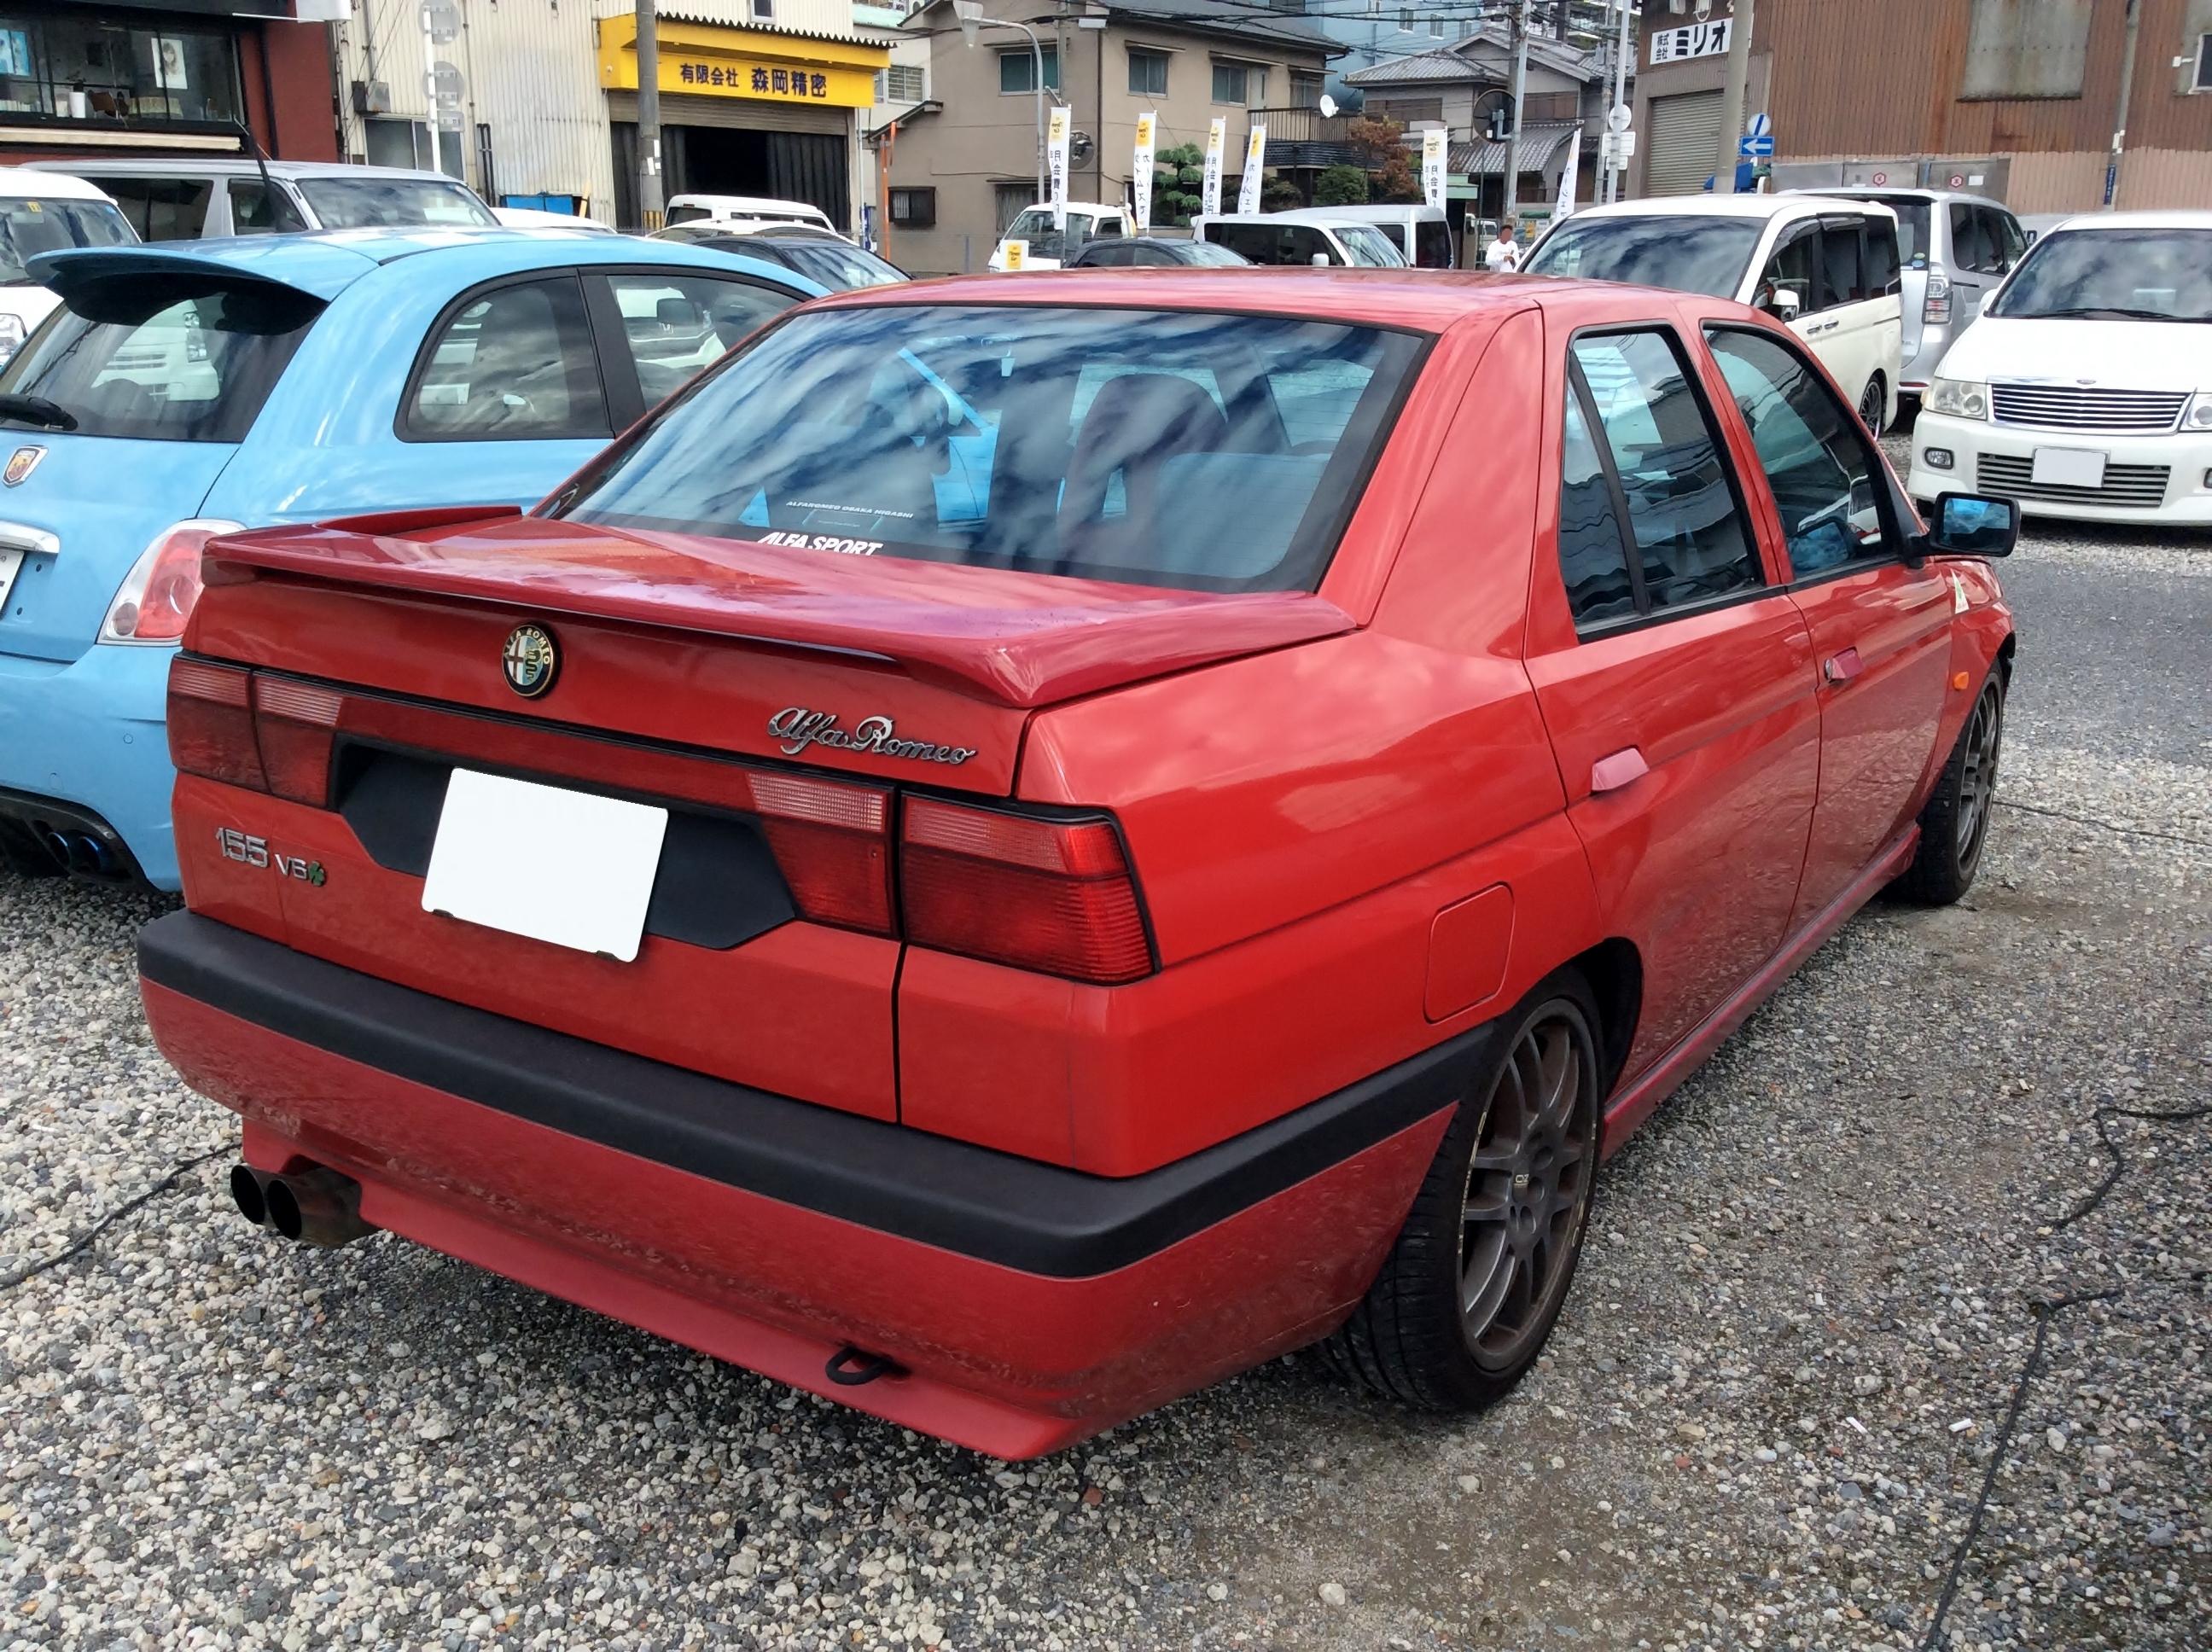 File:Alfa Romeo 155 2.5 V6 (E-167A1E) rear.JPG